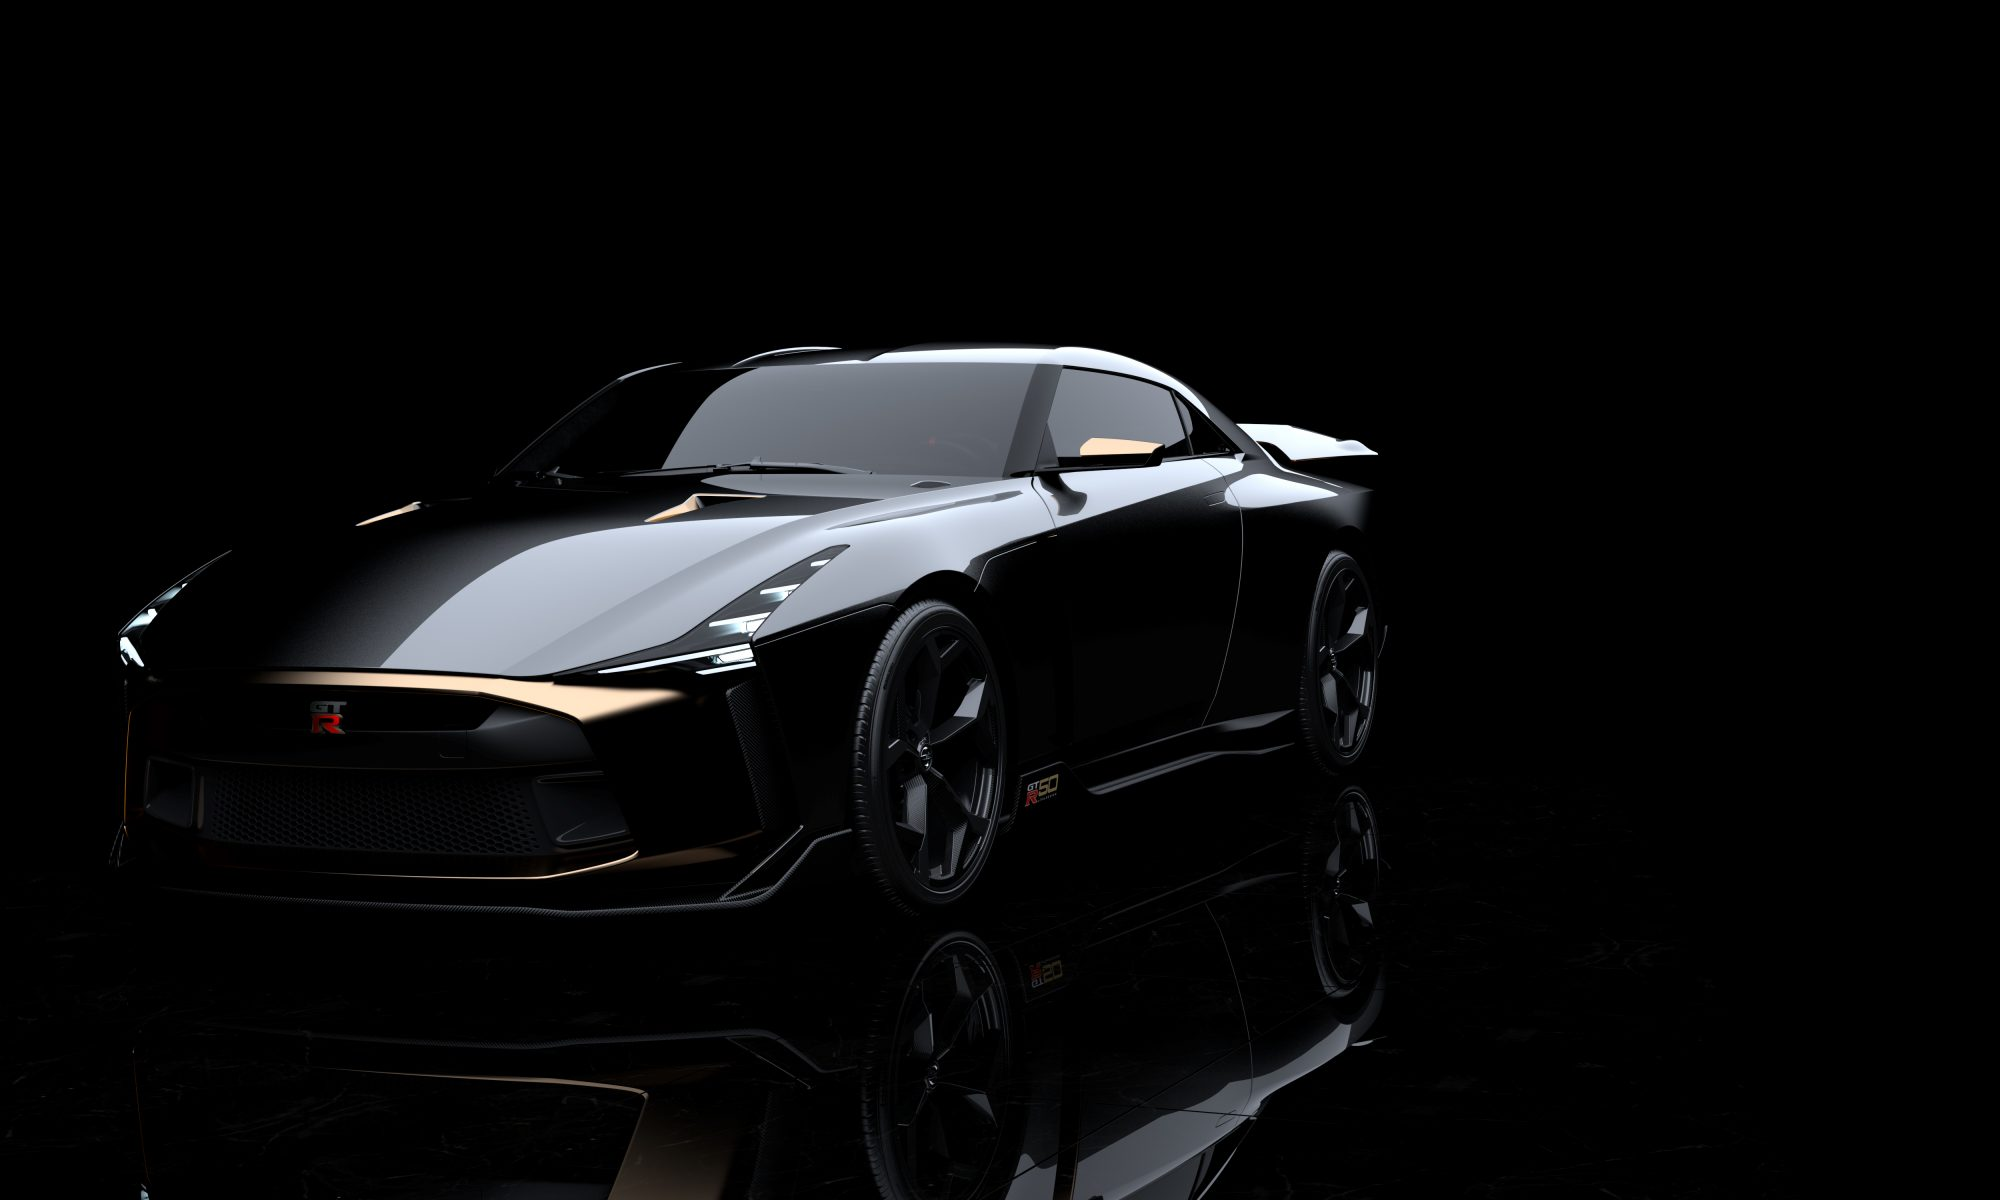 50 Jahre Nissan Gt R Exklusiver Prototyp Zum Jubilaum Gas Junky